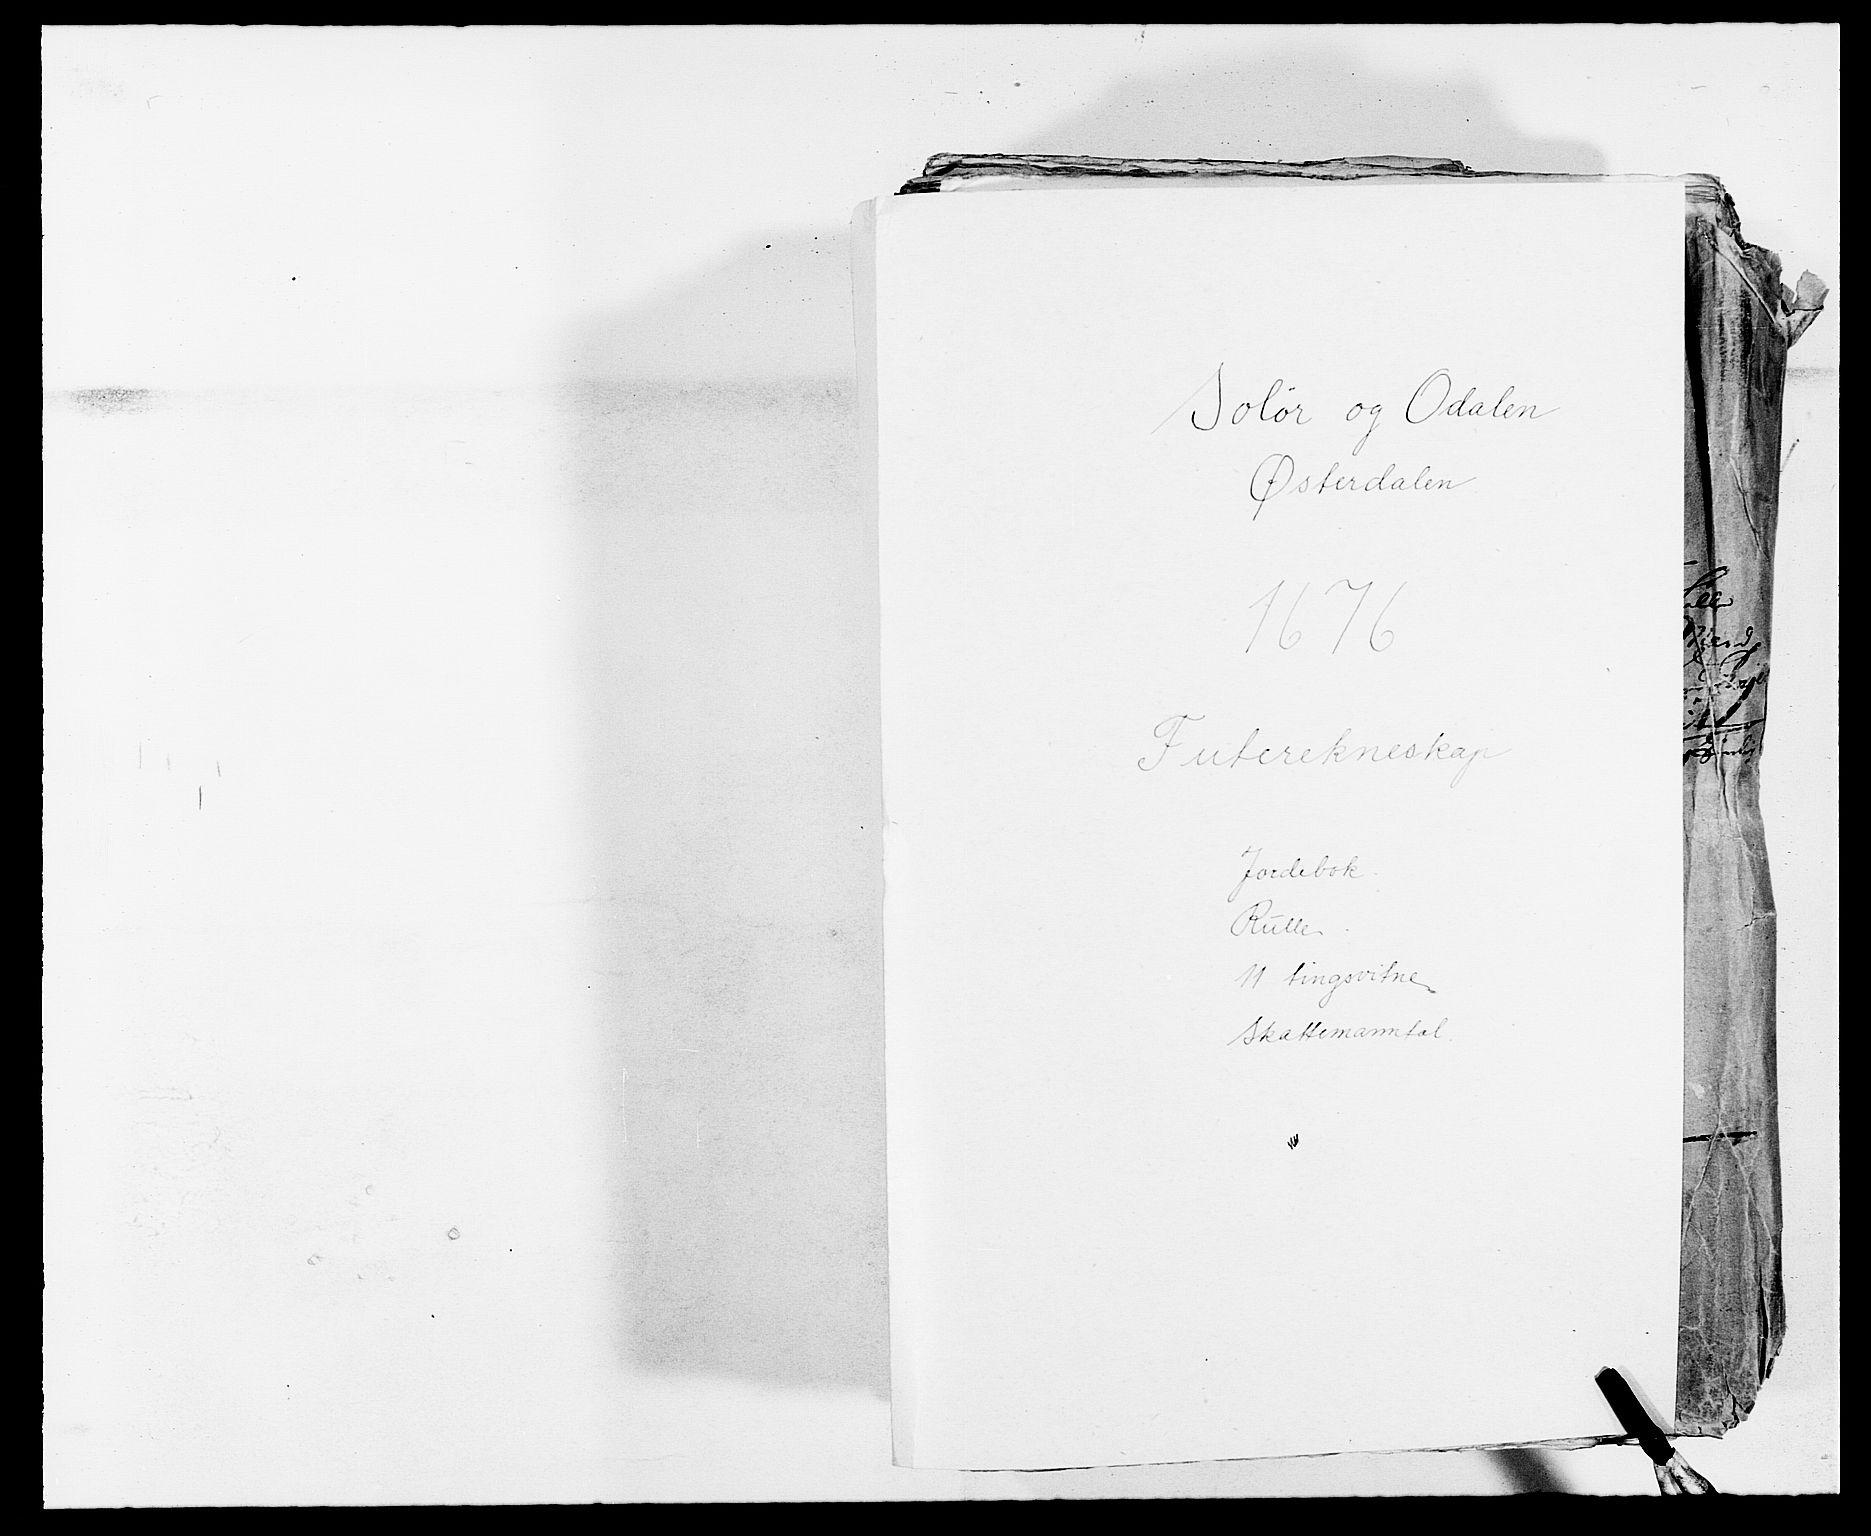 RA, Rentekammeret inntil 1814, Reviderte regnskaper, Fogderegnskap, R13/L0813: Fogderegnskap Solør, Odal og Østerdal, 1677, s. 1